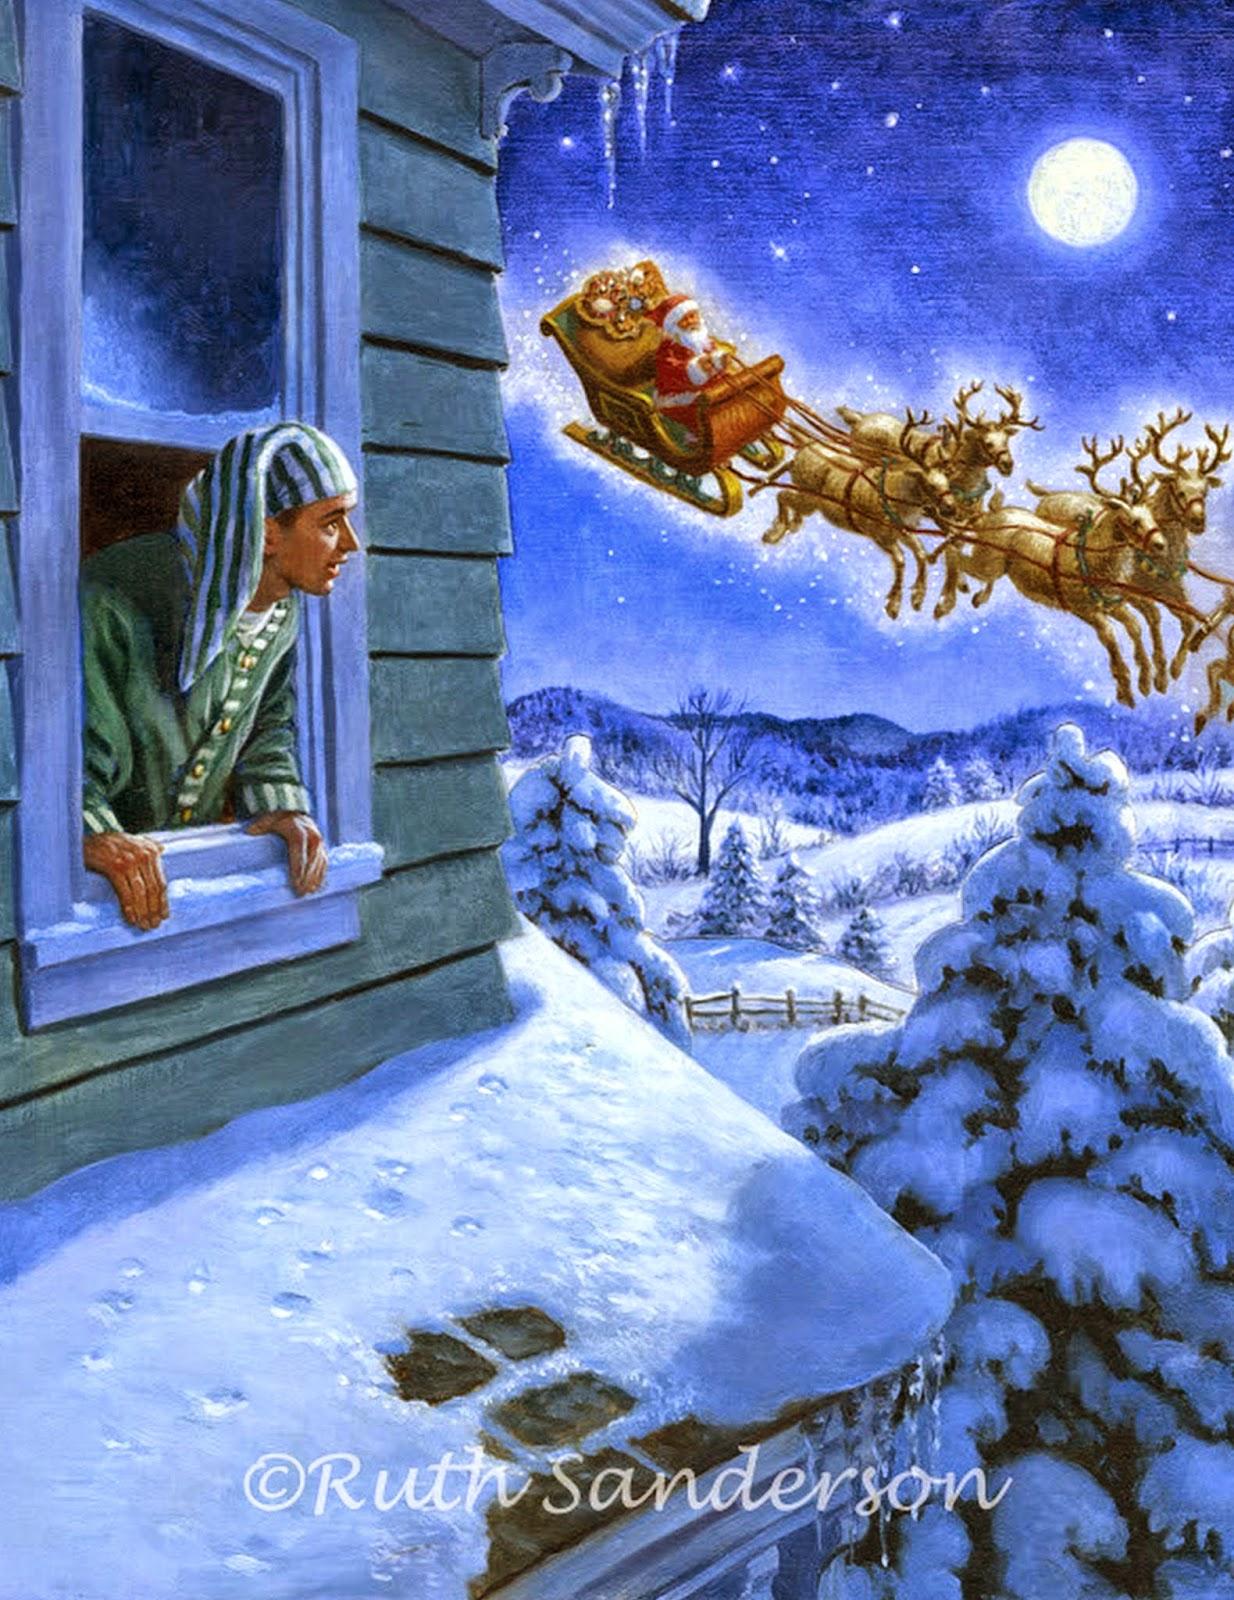 paisajes-decorativos-navideños